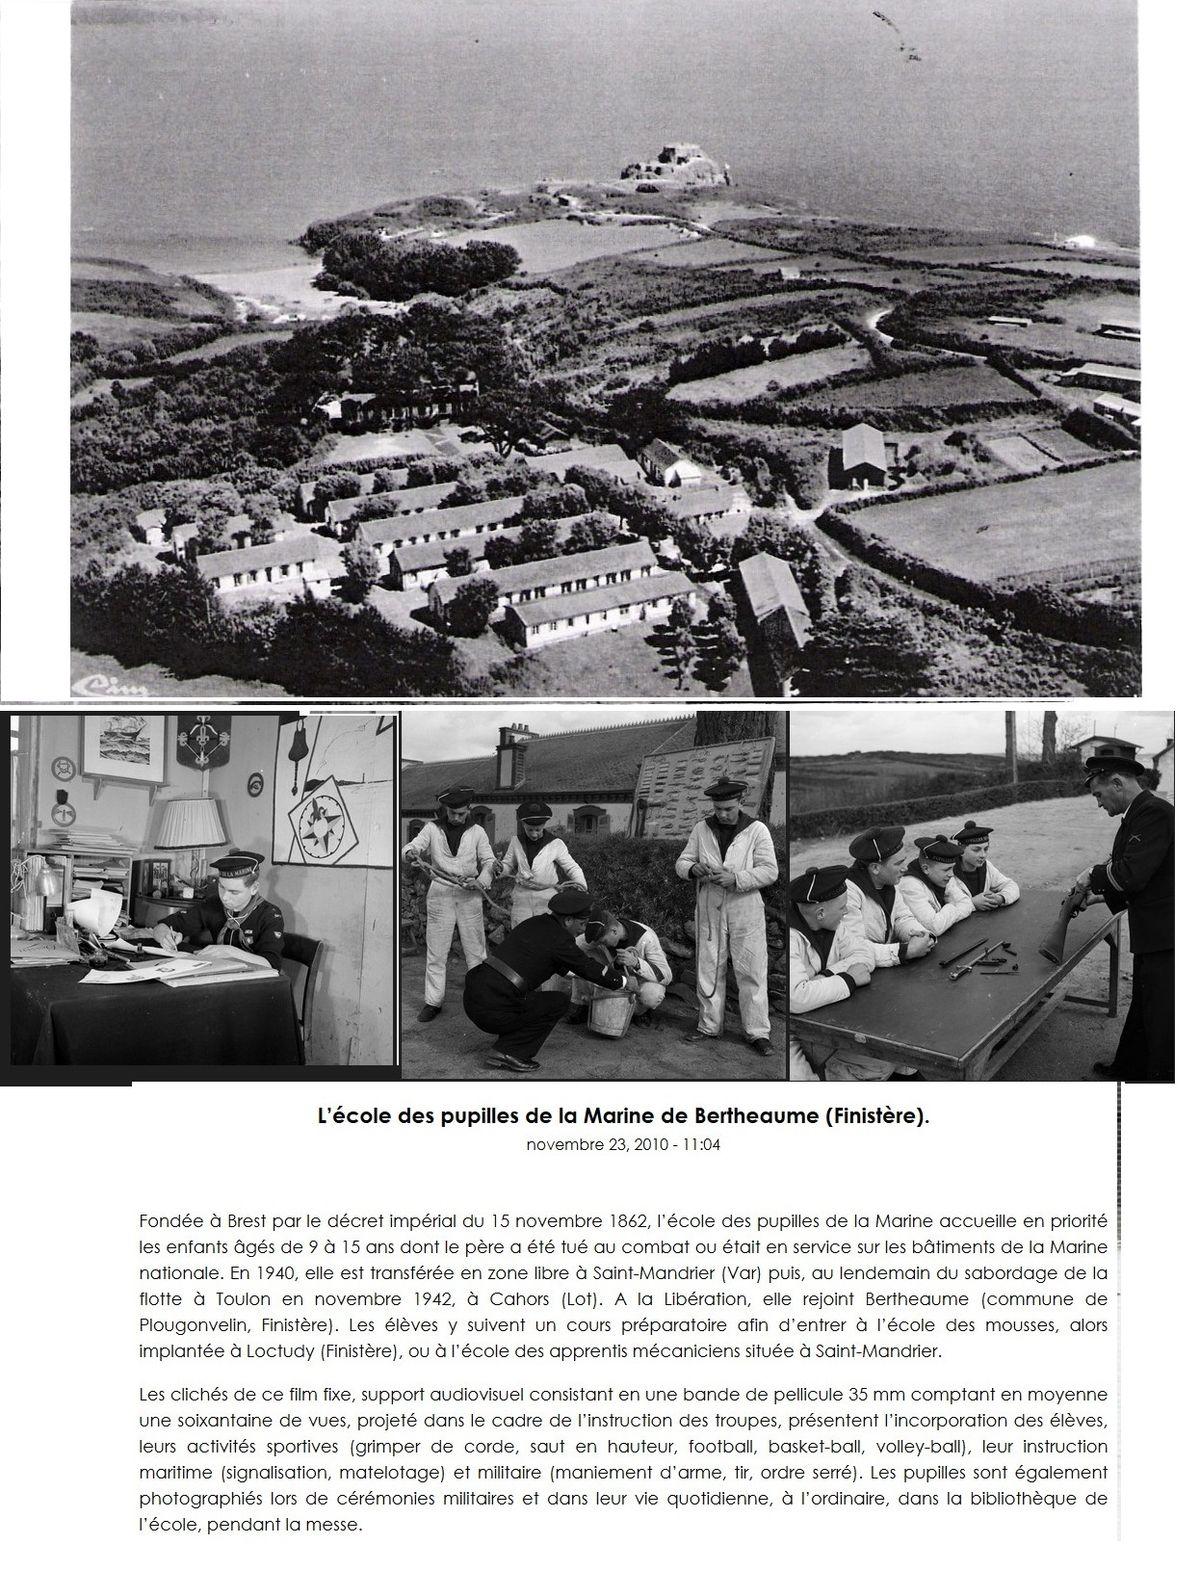 [ ÉCOLE DES PUPILLES ] École des pupilles 45/46 - Page 2 639006Vue